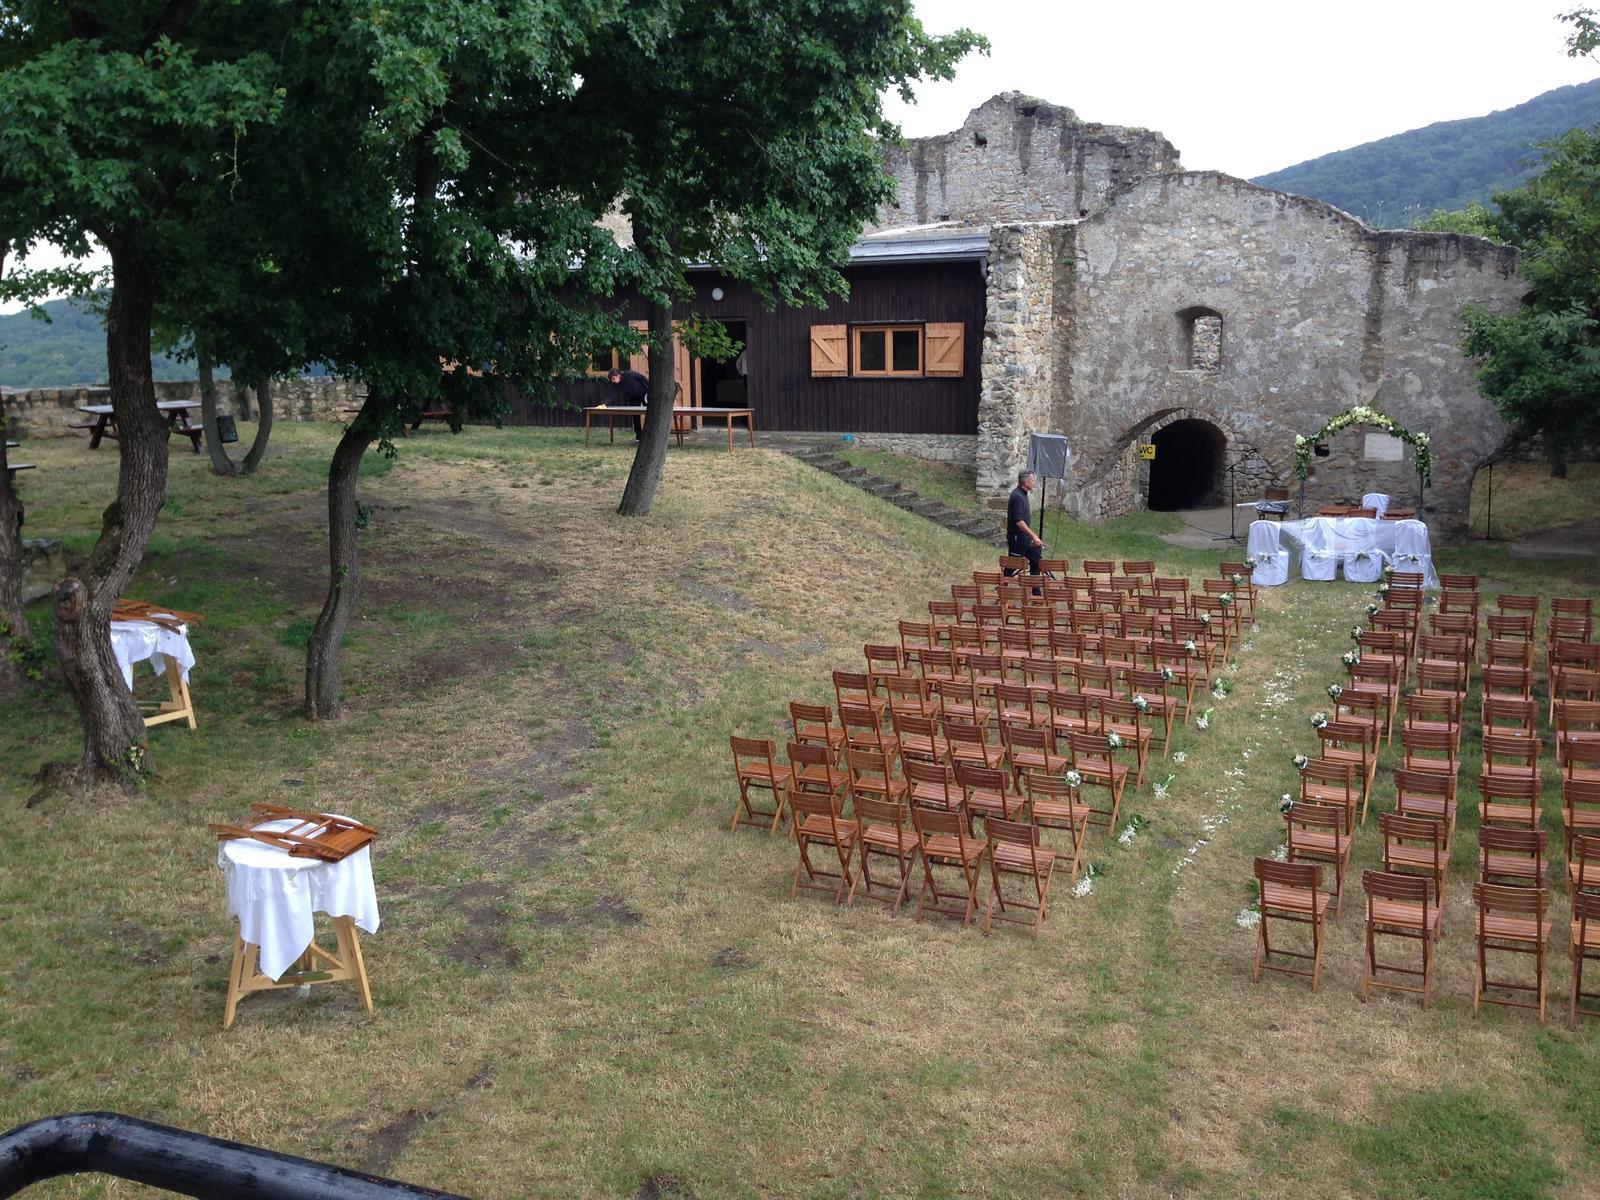 Baby, dnes na minivýlete v rakúskom Hainburgu som chcela vrátiť čas aspoň rok dozadu! Neviem či sa o tom mieste vôbec vie, lebo ja som na to pri našom plánovaní vôbec nenatrafila :-(  No tie, ktoré ste z Bratislavy a okolia a túžite po záhradnej svadbe tak vedzte, že hrad v Haiburgu je na to ako STVORENÝ! Netuším, aké sú tam možnosti pre nás Slovenky, každopádne sa tam svadby robia pretože dnes to tam bolo na jednu pripravené :-) pripájam fotky! :-) - Obrázok č. 1